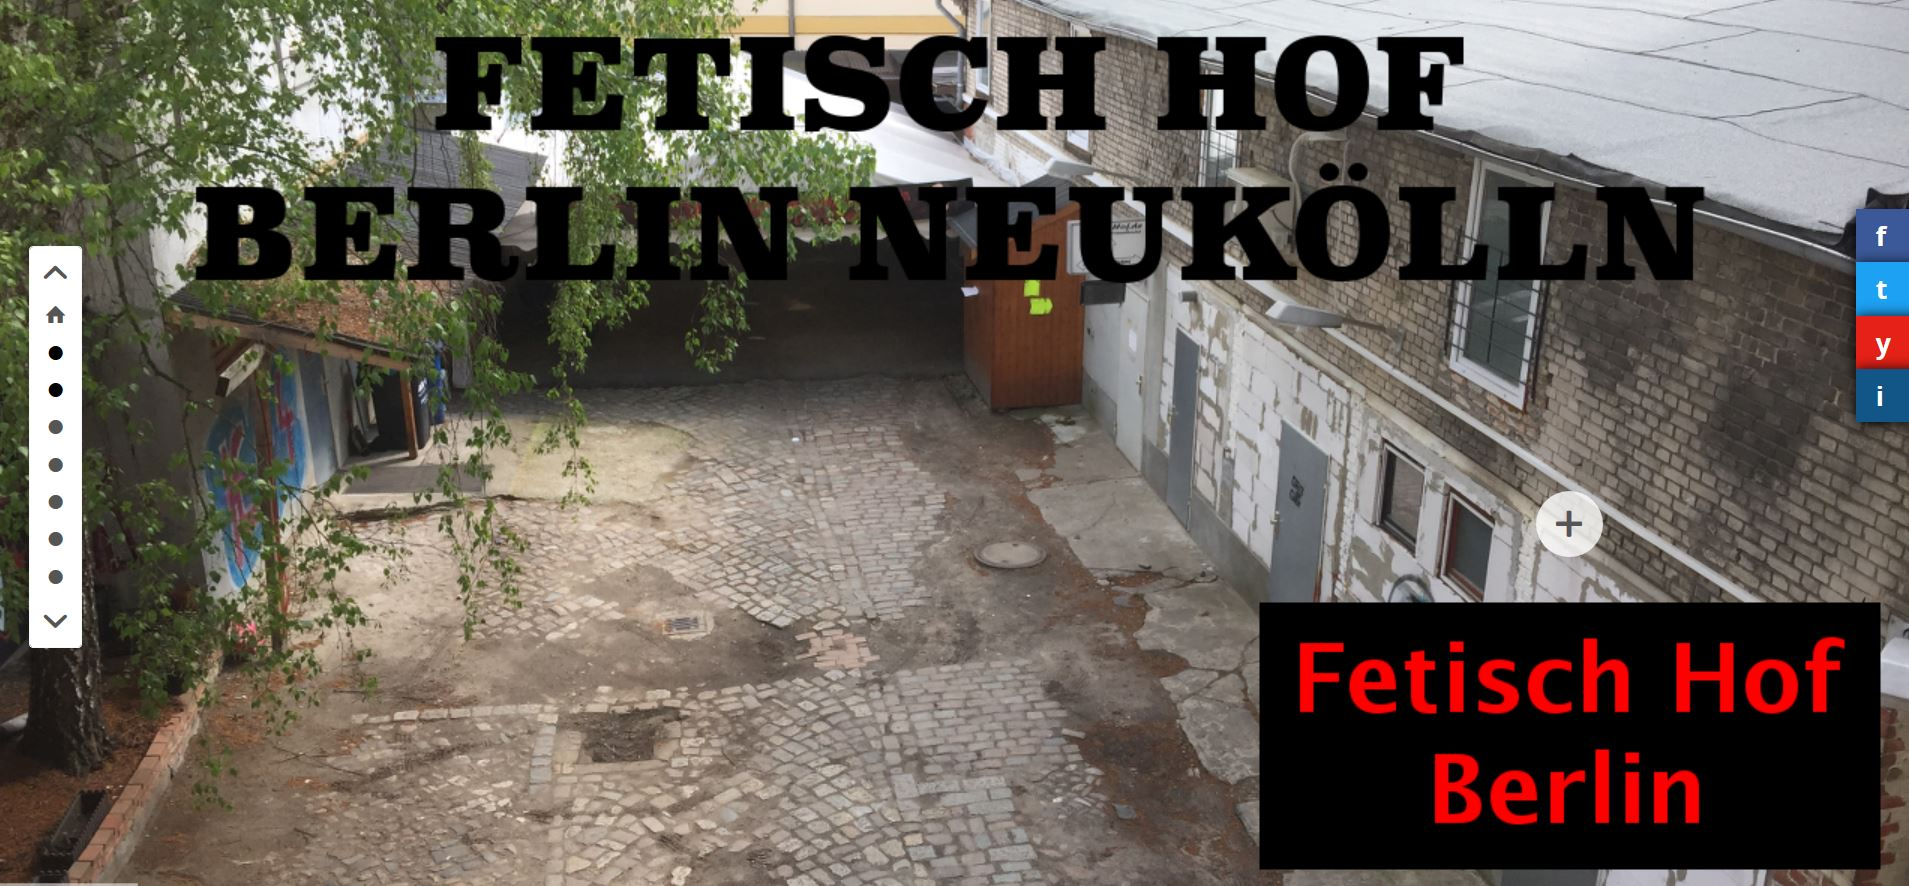 fetischhof